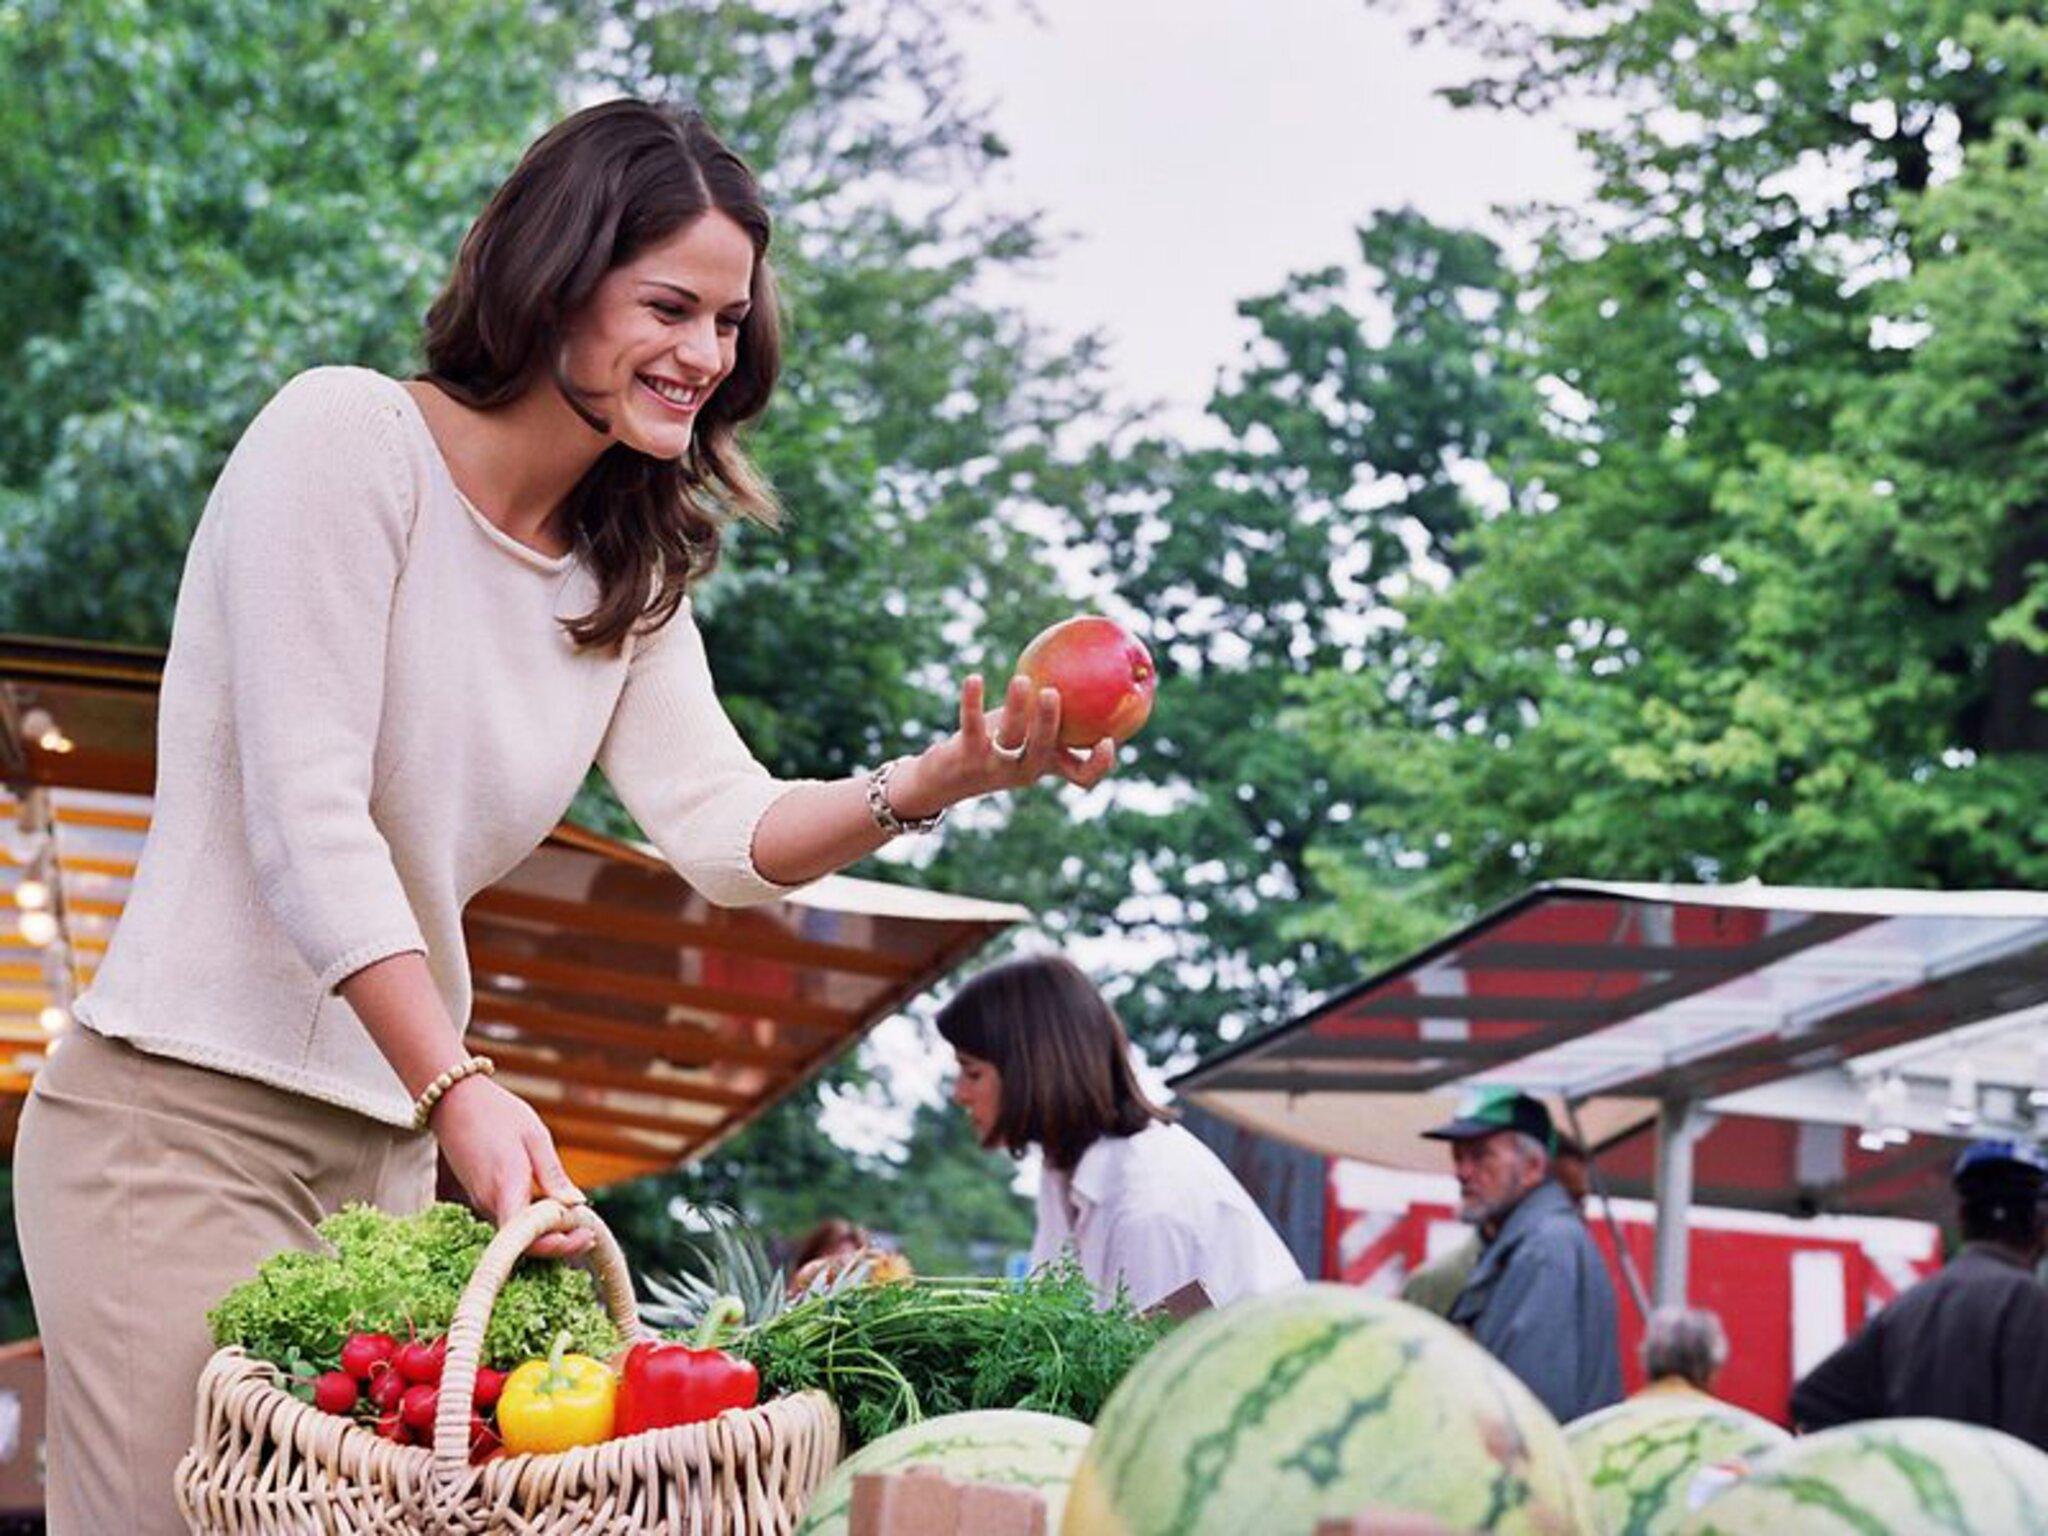 Qualität, die man schmeckt                                                                  Regionale Produkte sind bei den Verbrauchern beliebt